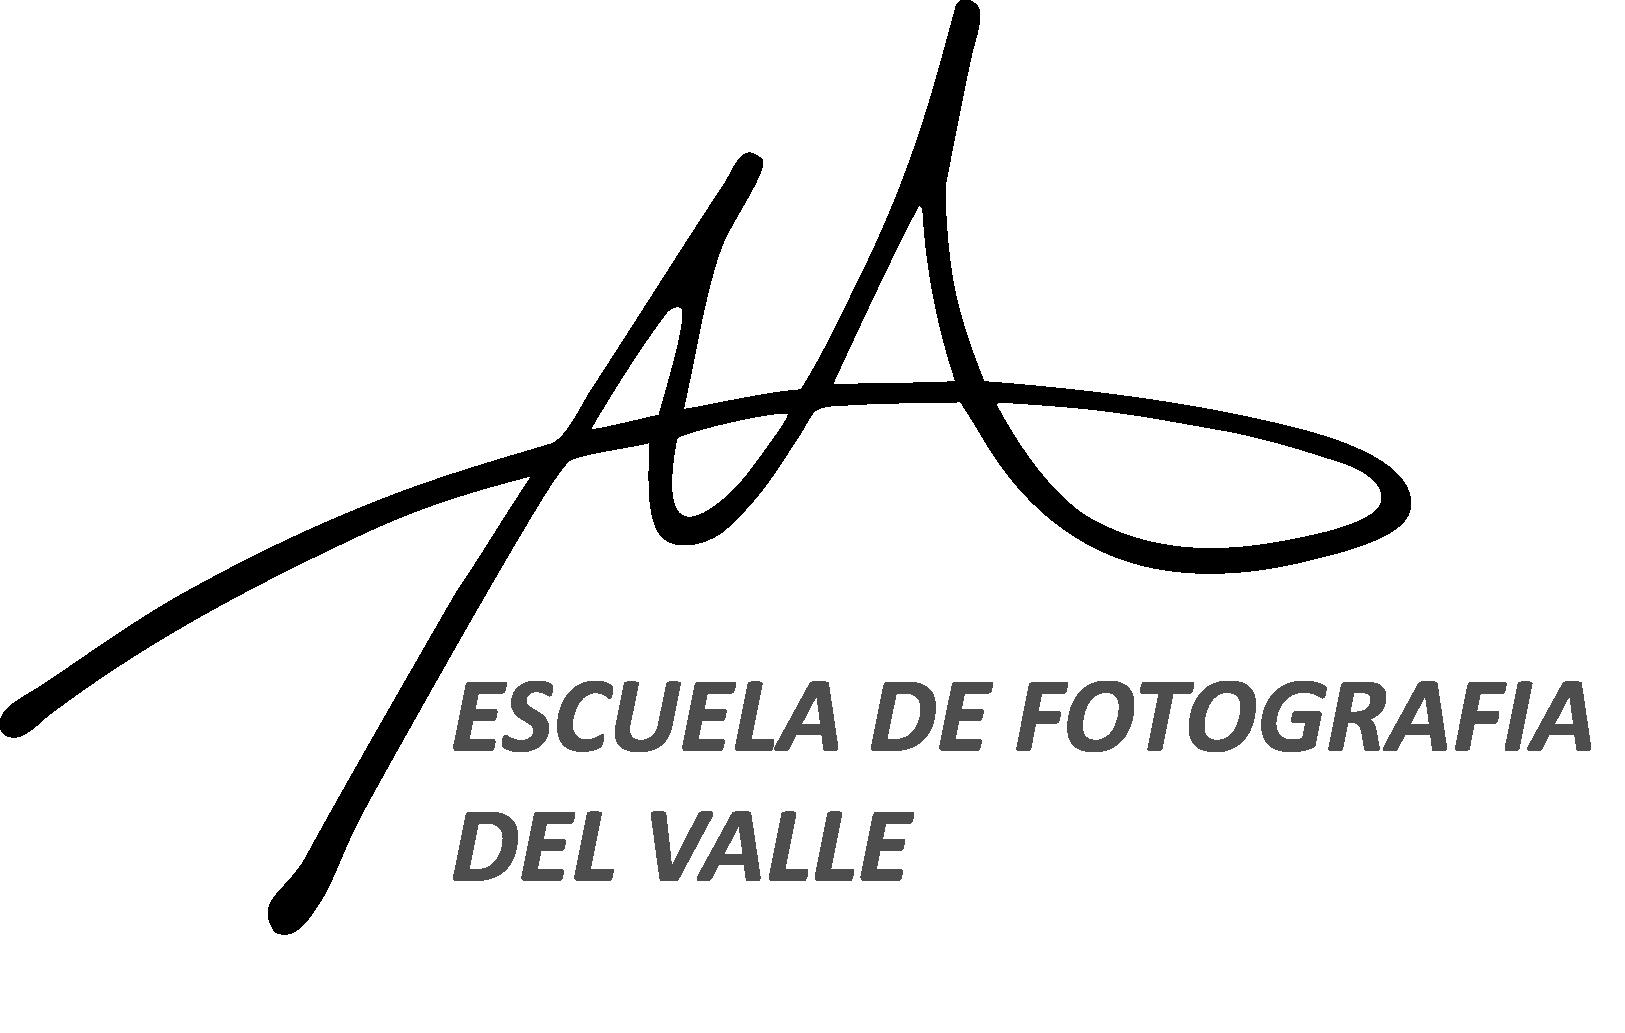 Escuela de Fotografía del Valle